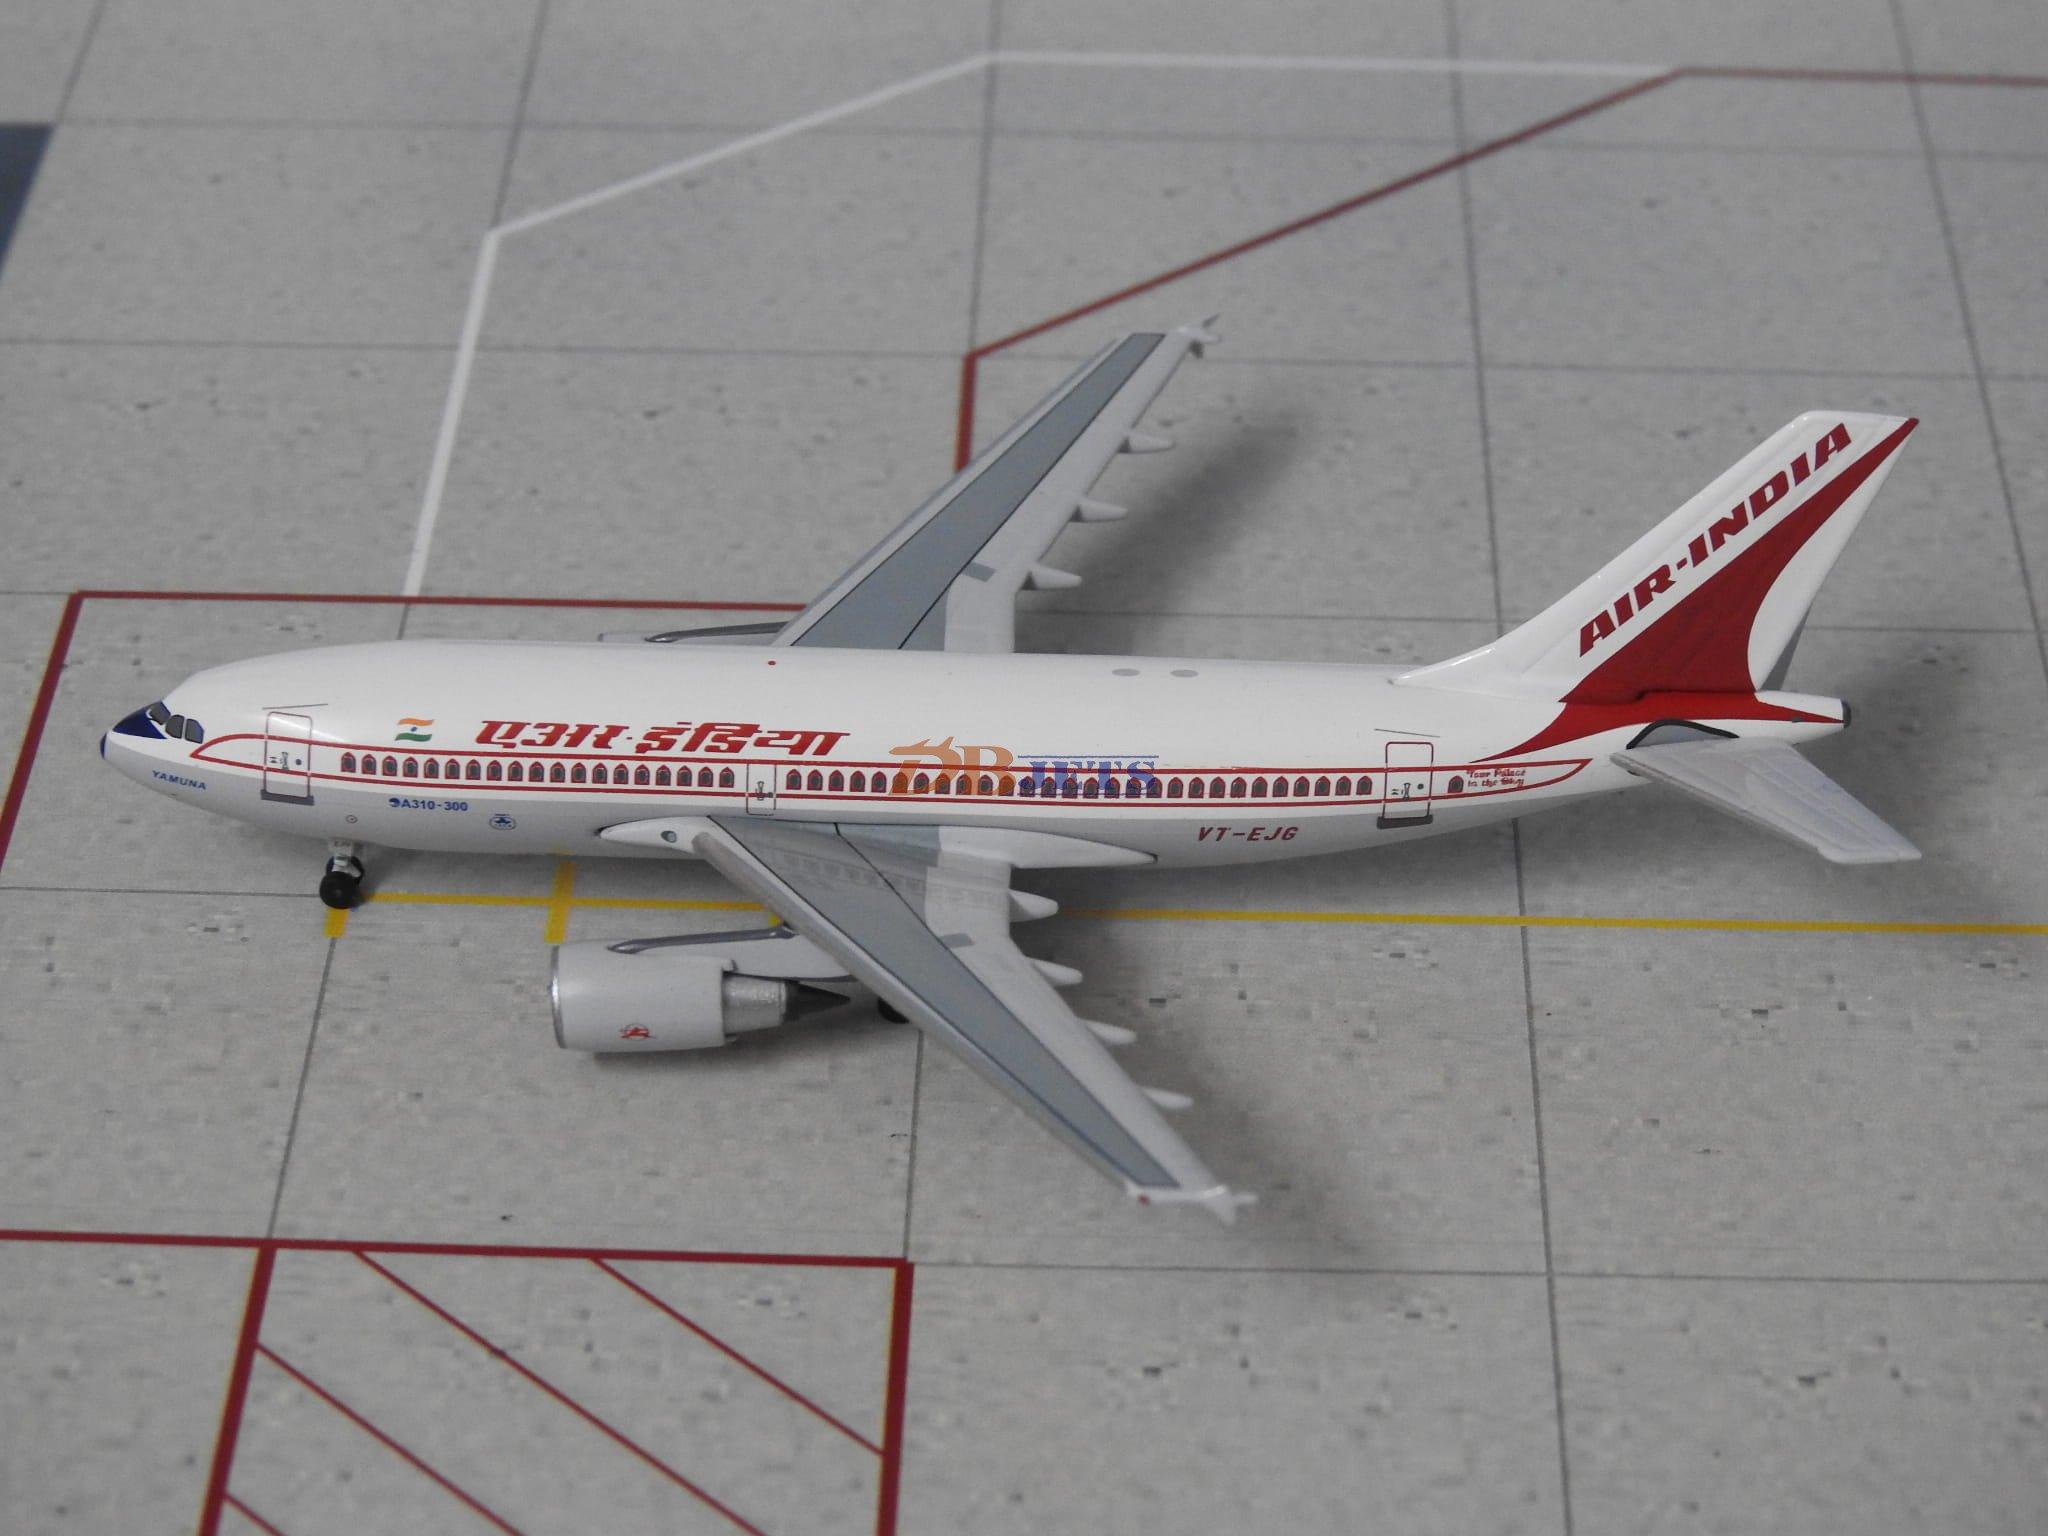 Air India Airbus A310-300 VT-EJG 1/400 Scale Diecast Metal Aircraft Model  Aeroclassics